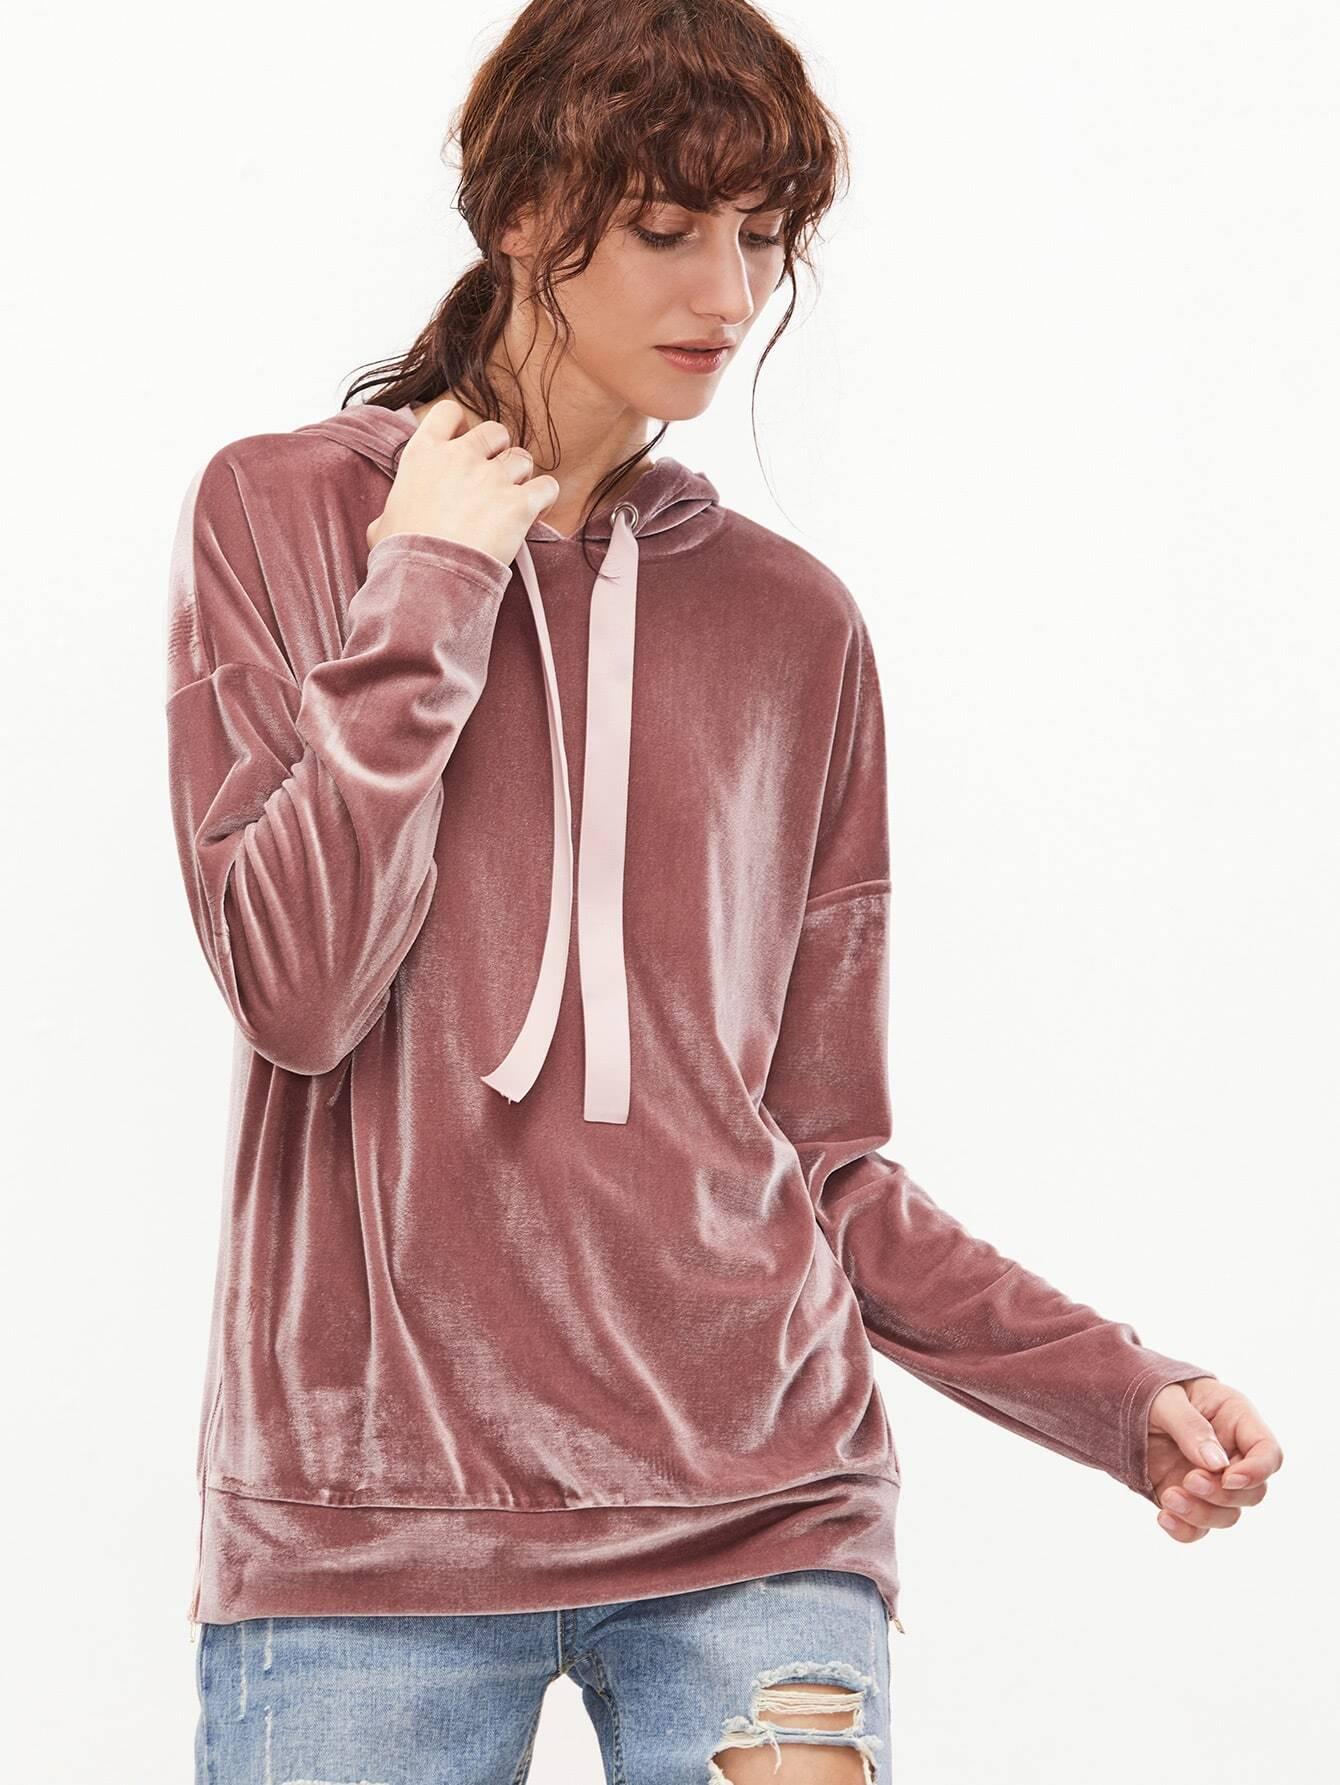 Розовый бархатный свитшот с капюшоном | Shein